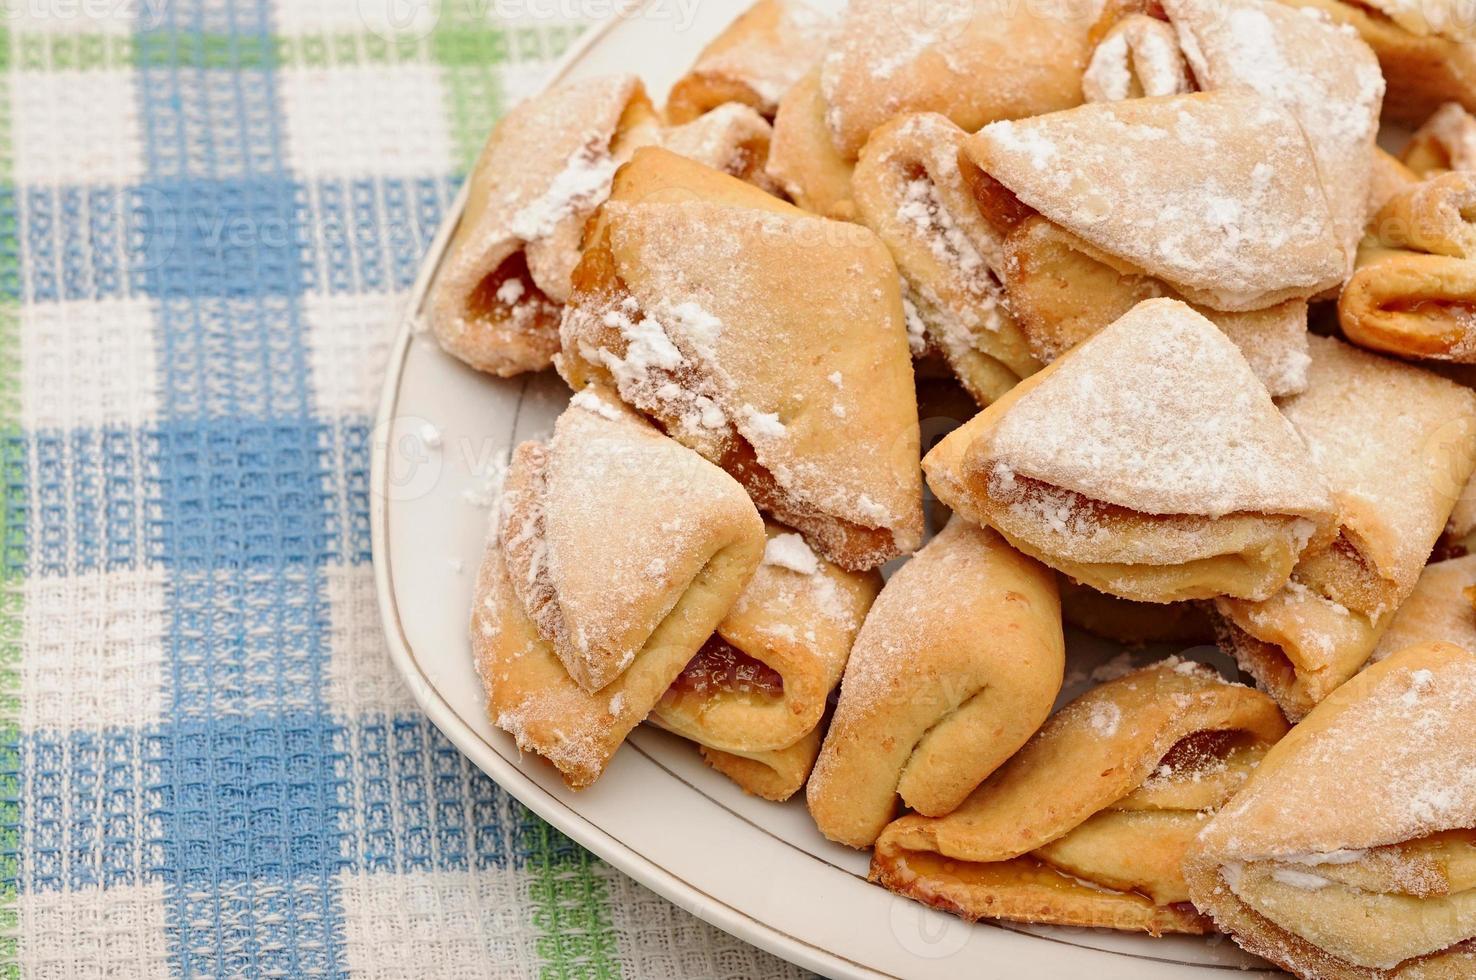 biscoitos caseiros de requeijão com geléia de maçã foto